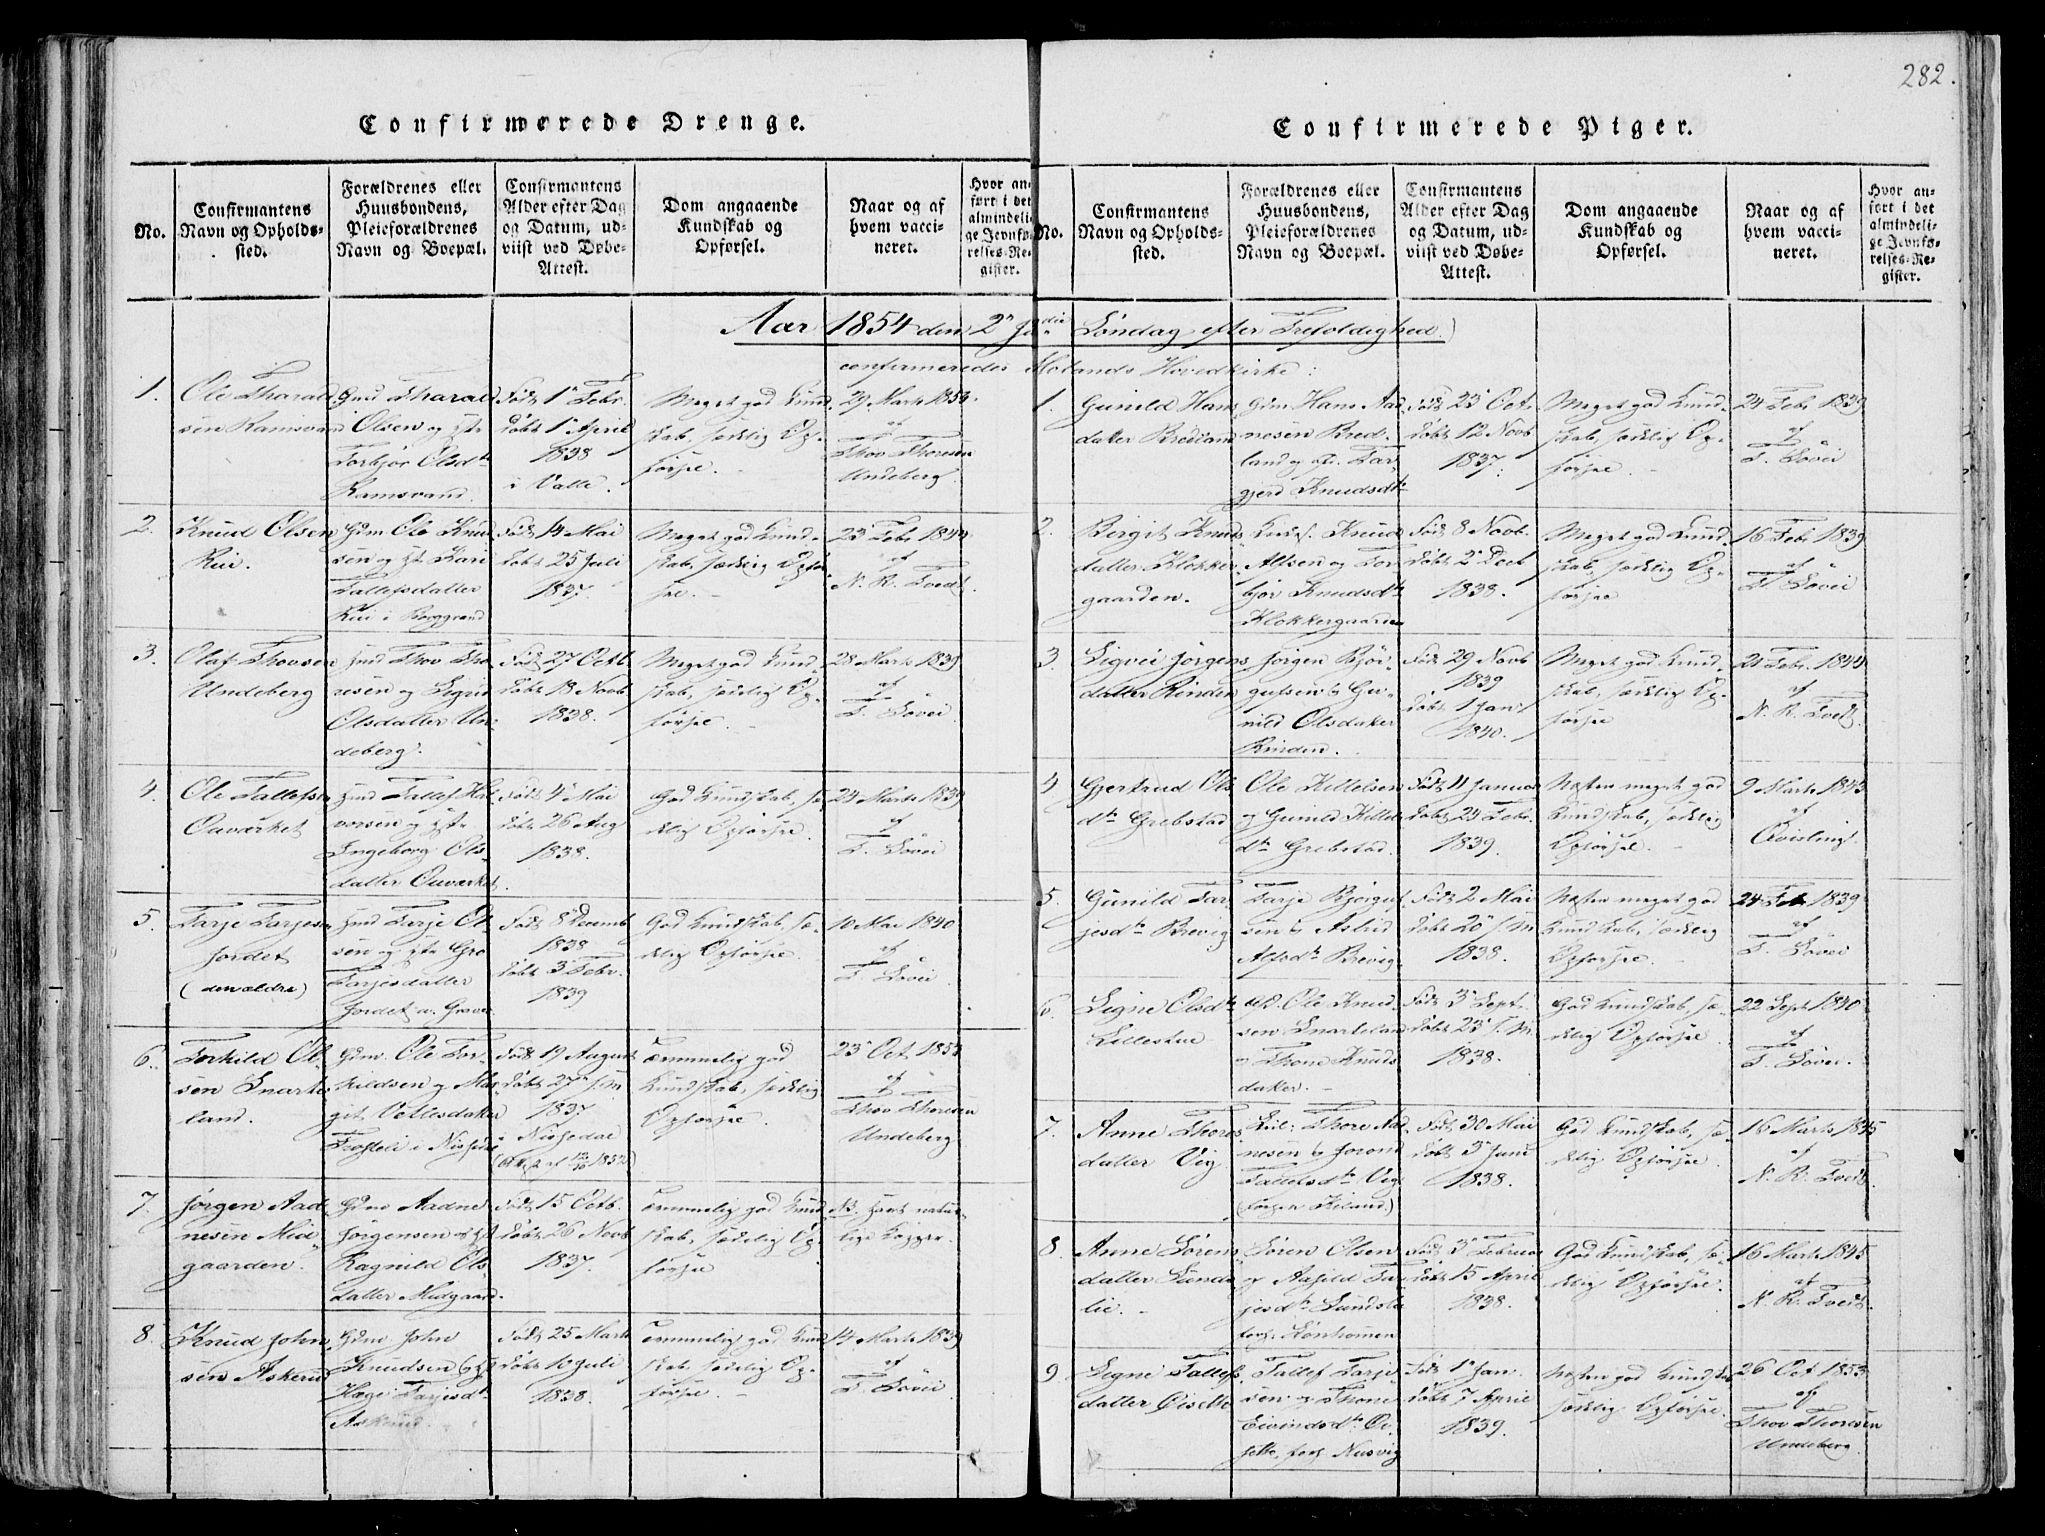 SAKO, Fyresdal kirkebøker, F/Fa/L0004: Ministerialbok nr. I 4, 1815-1854, s. 282